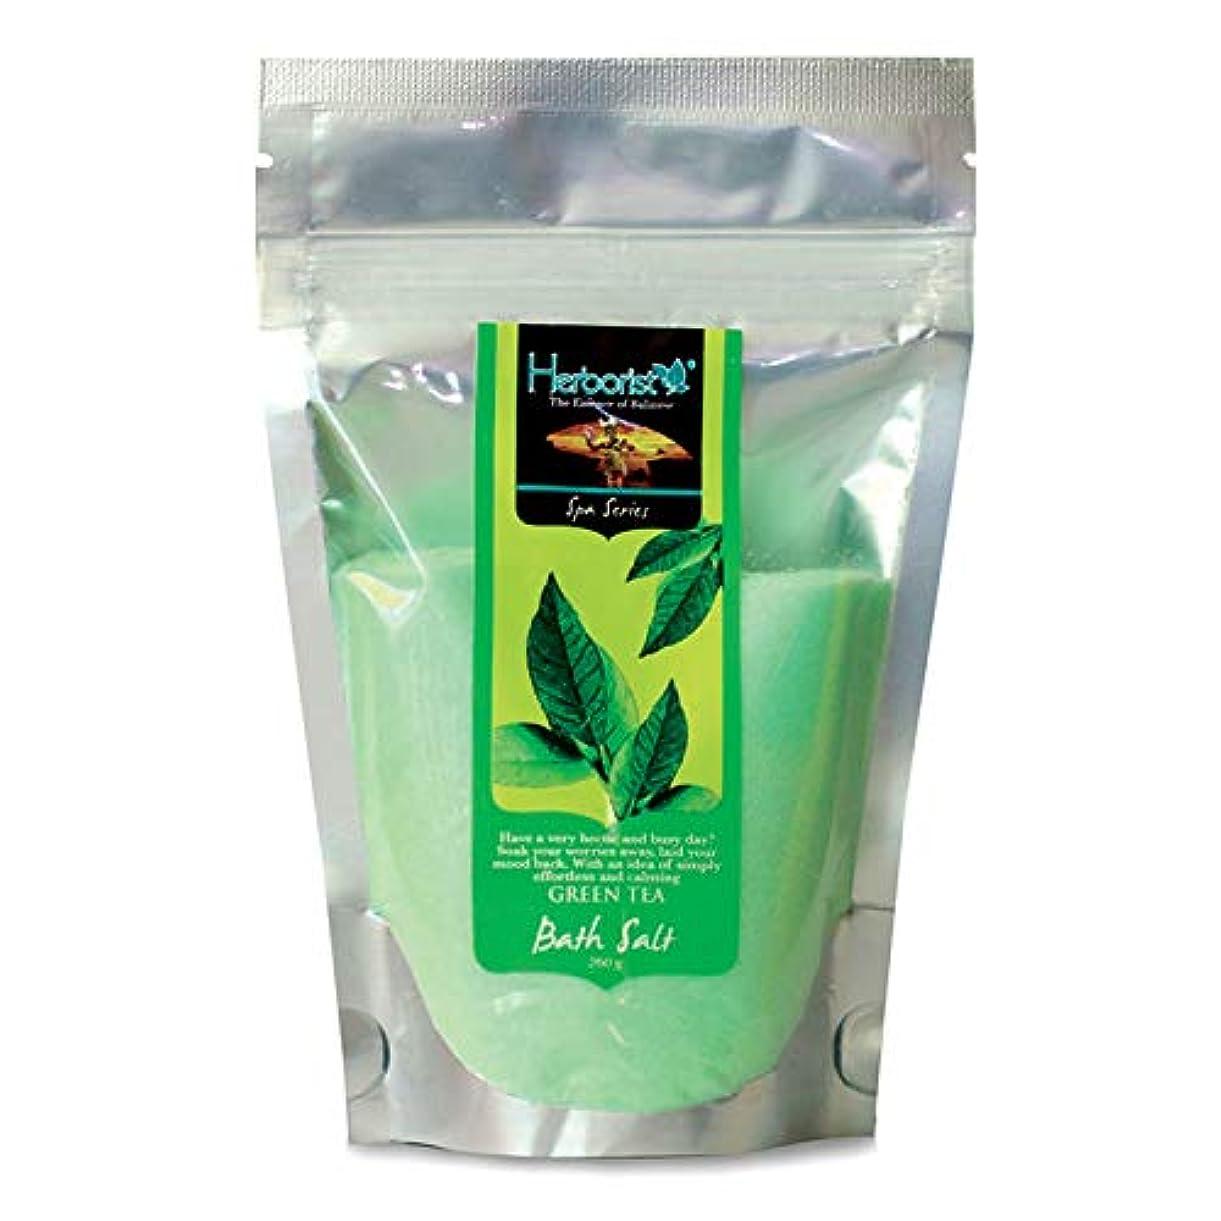 流用する警告期待するHerborist ハーボリスト Bath Salt バスソルト バリ島の香り漂う入浴剤 250g Green Tea グリーンティー [海外直送品]